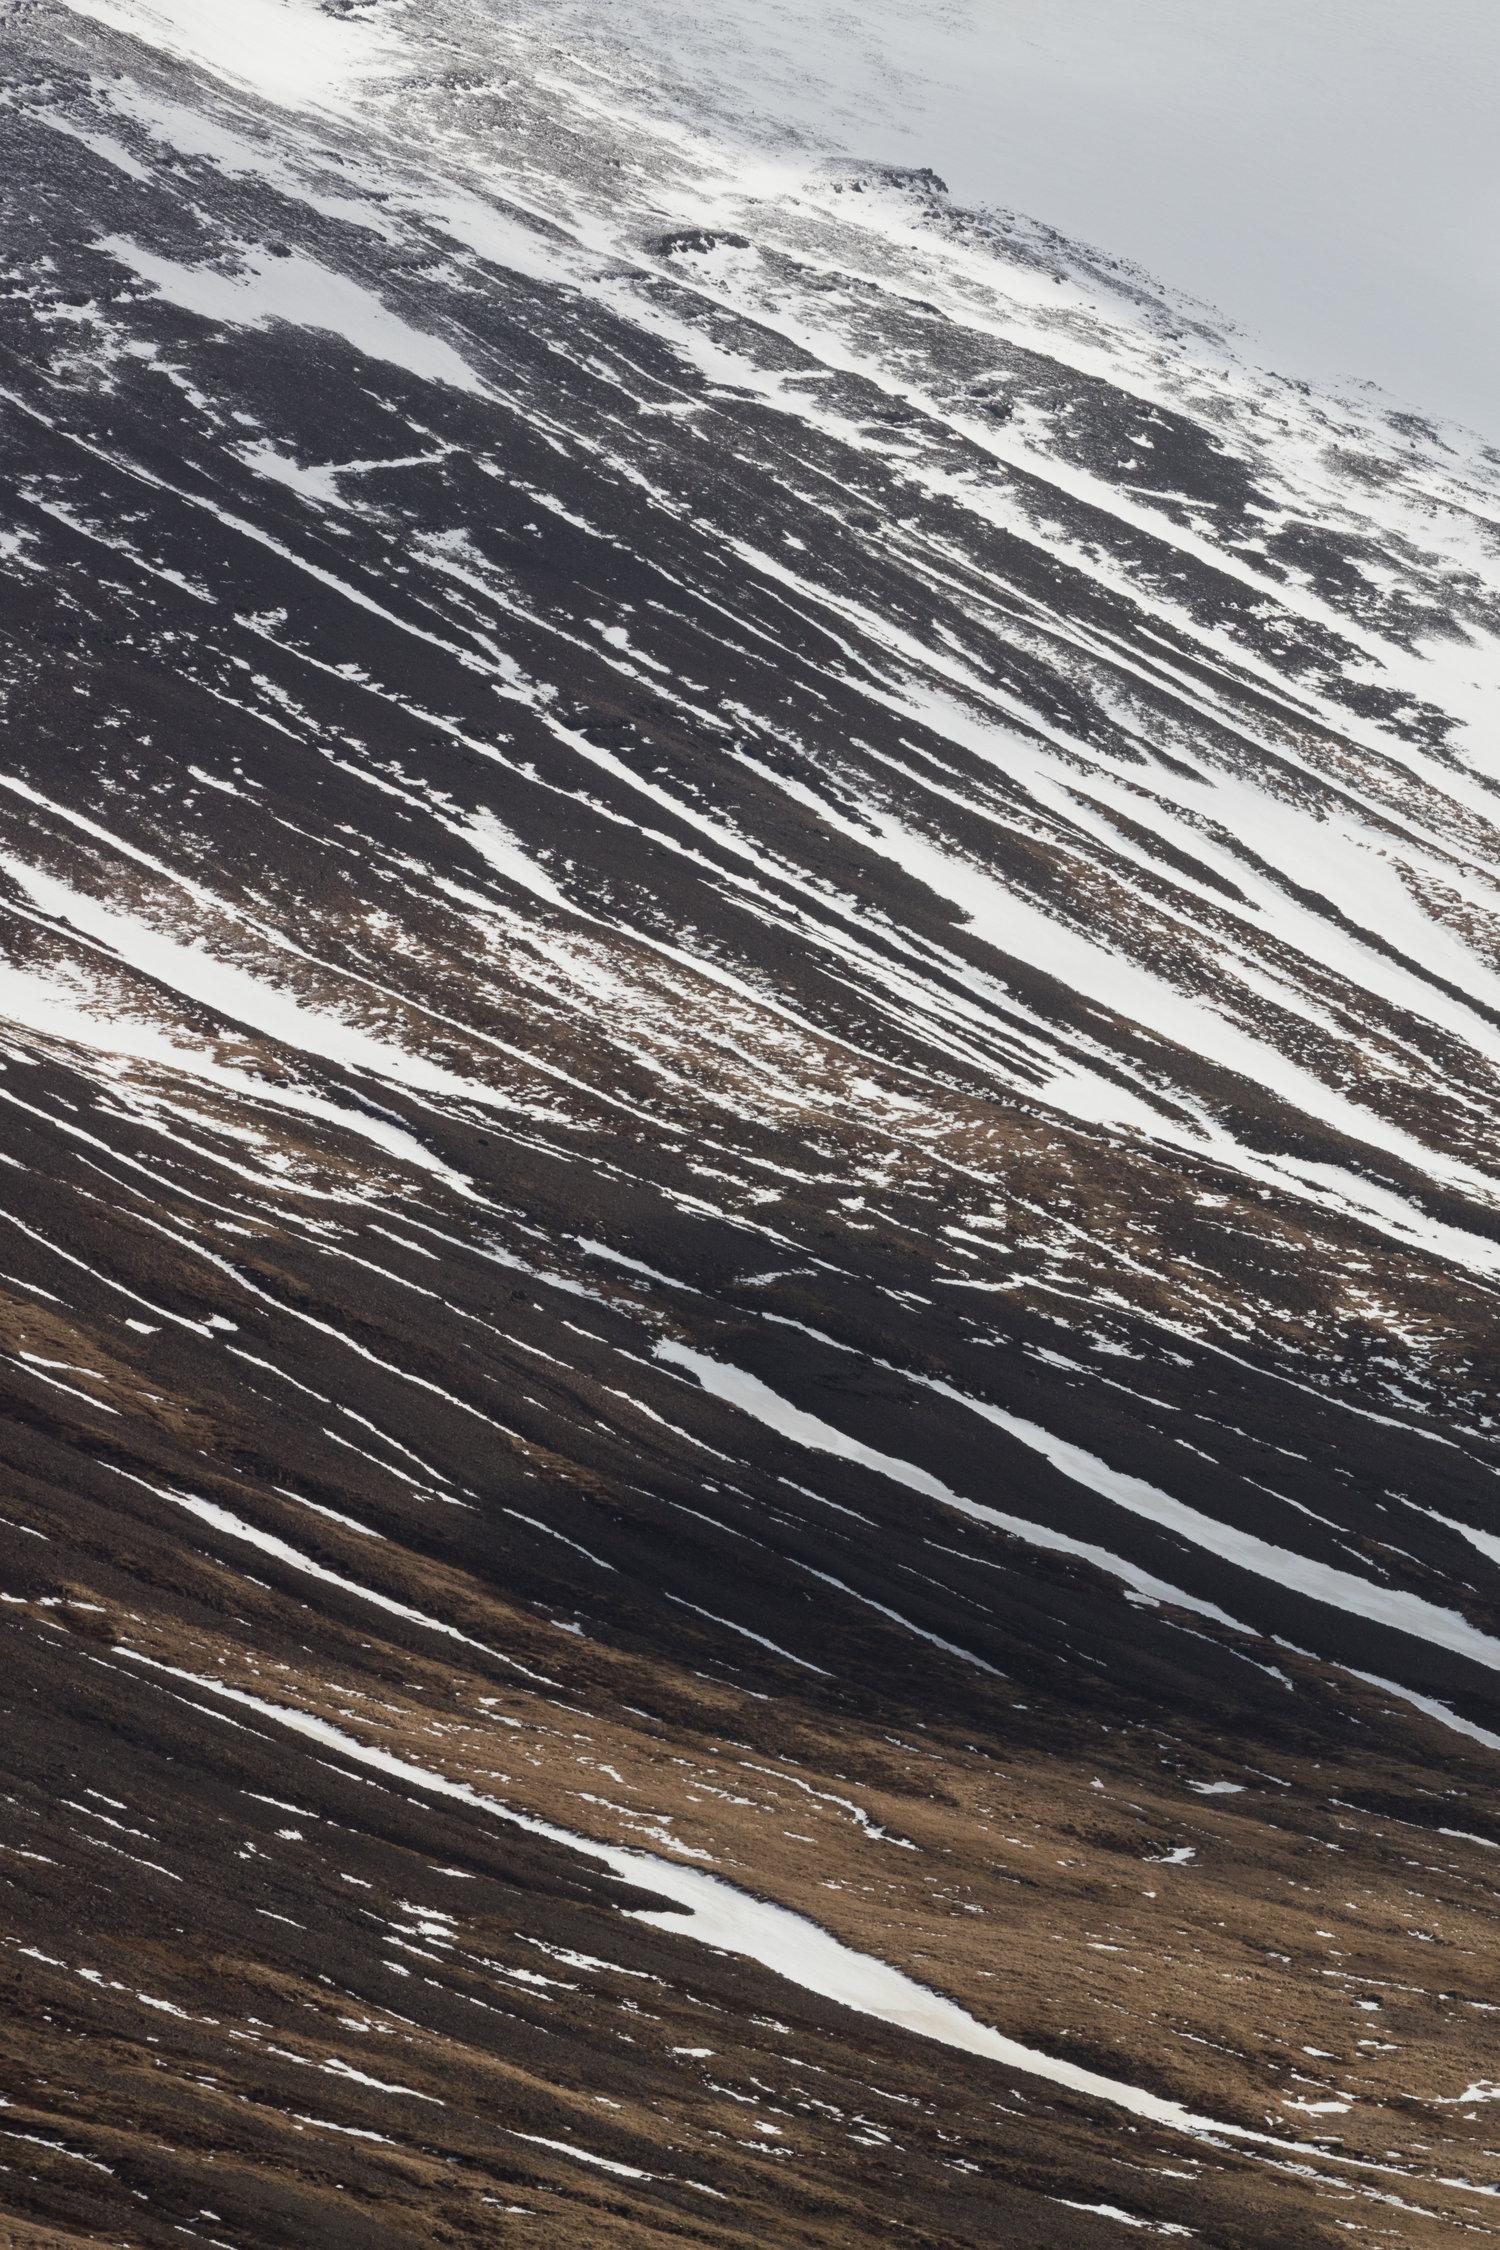 Mountain+Detail+|+The+Fox+Plateau+-+Faune.jpg